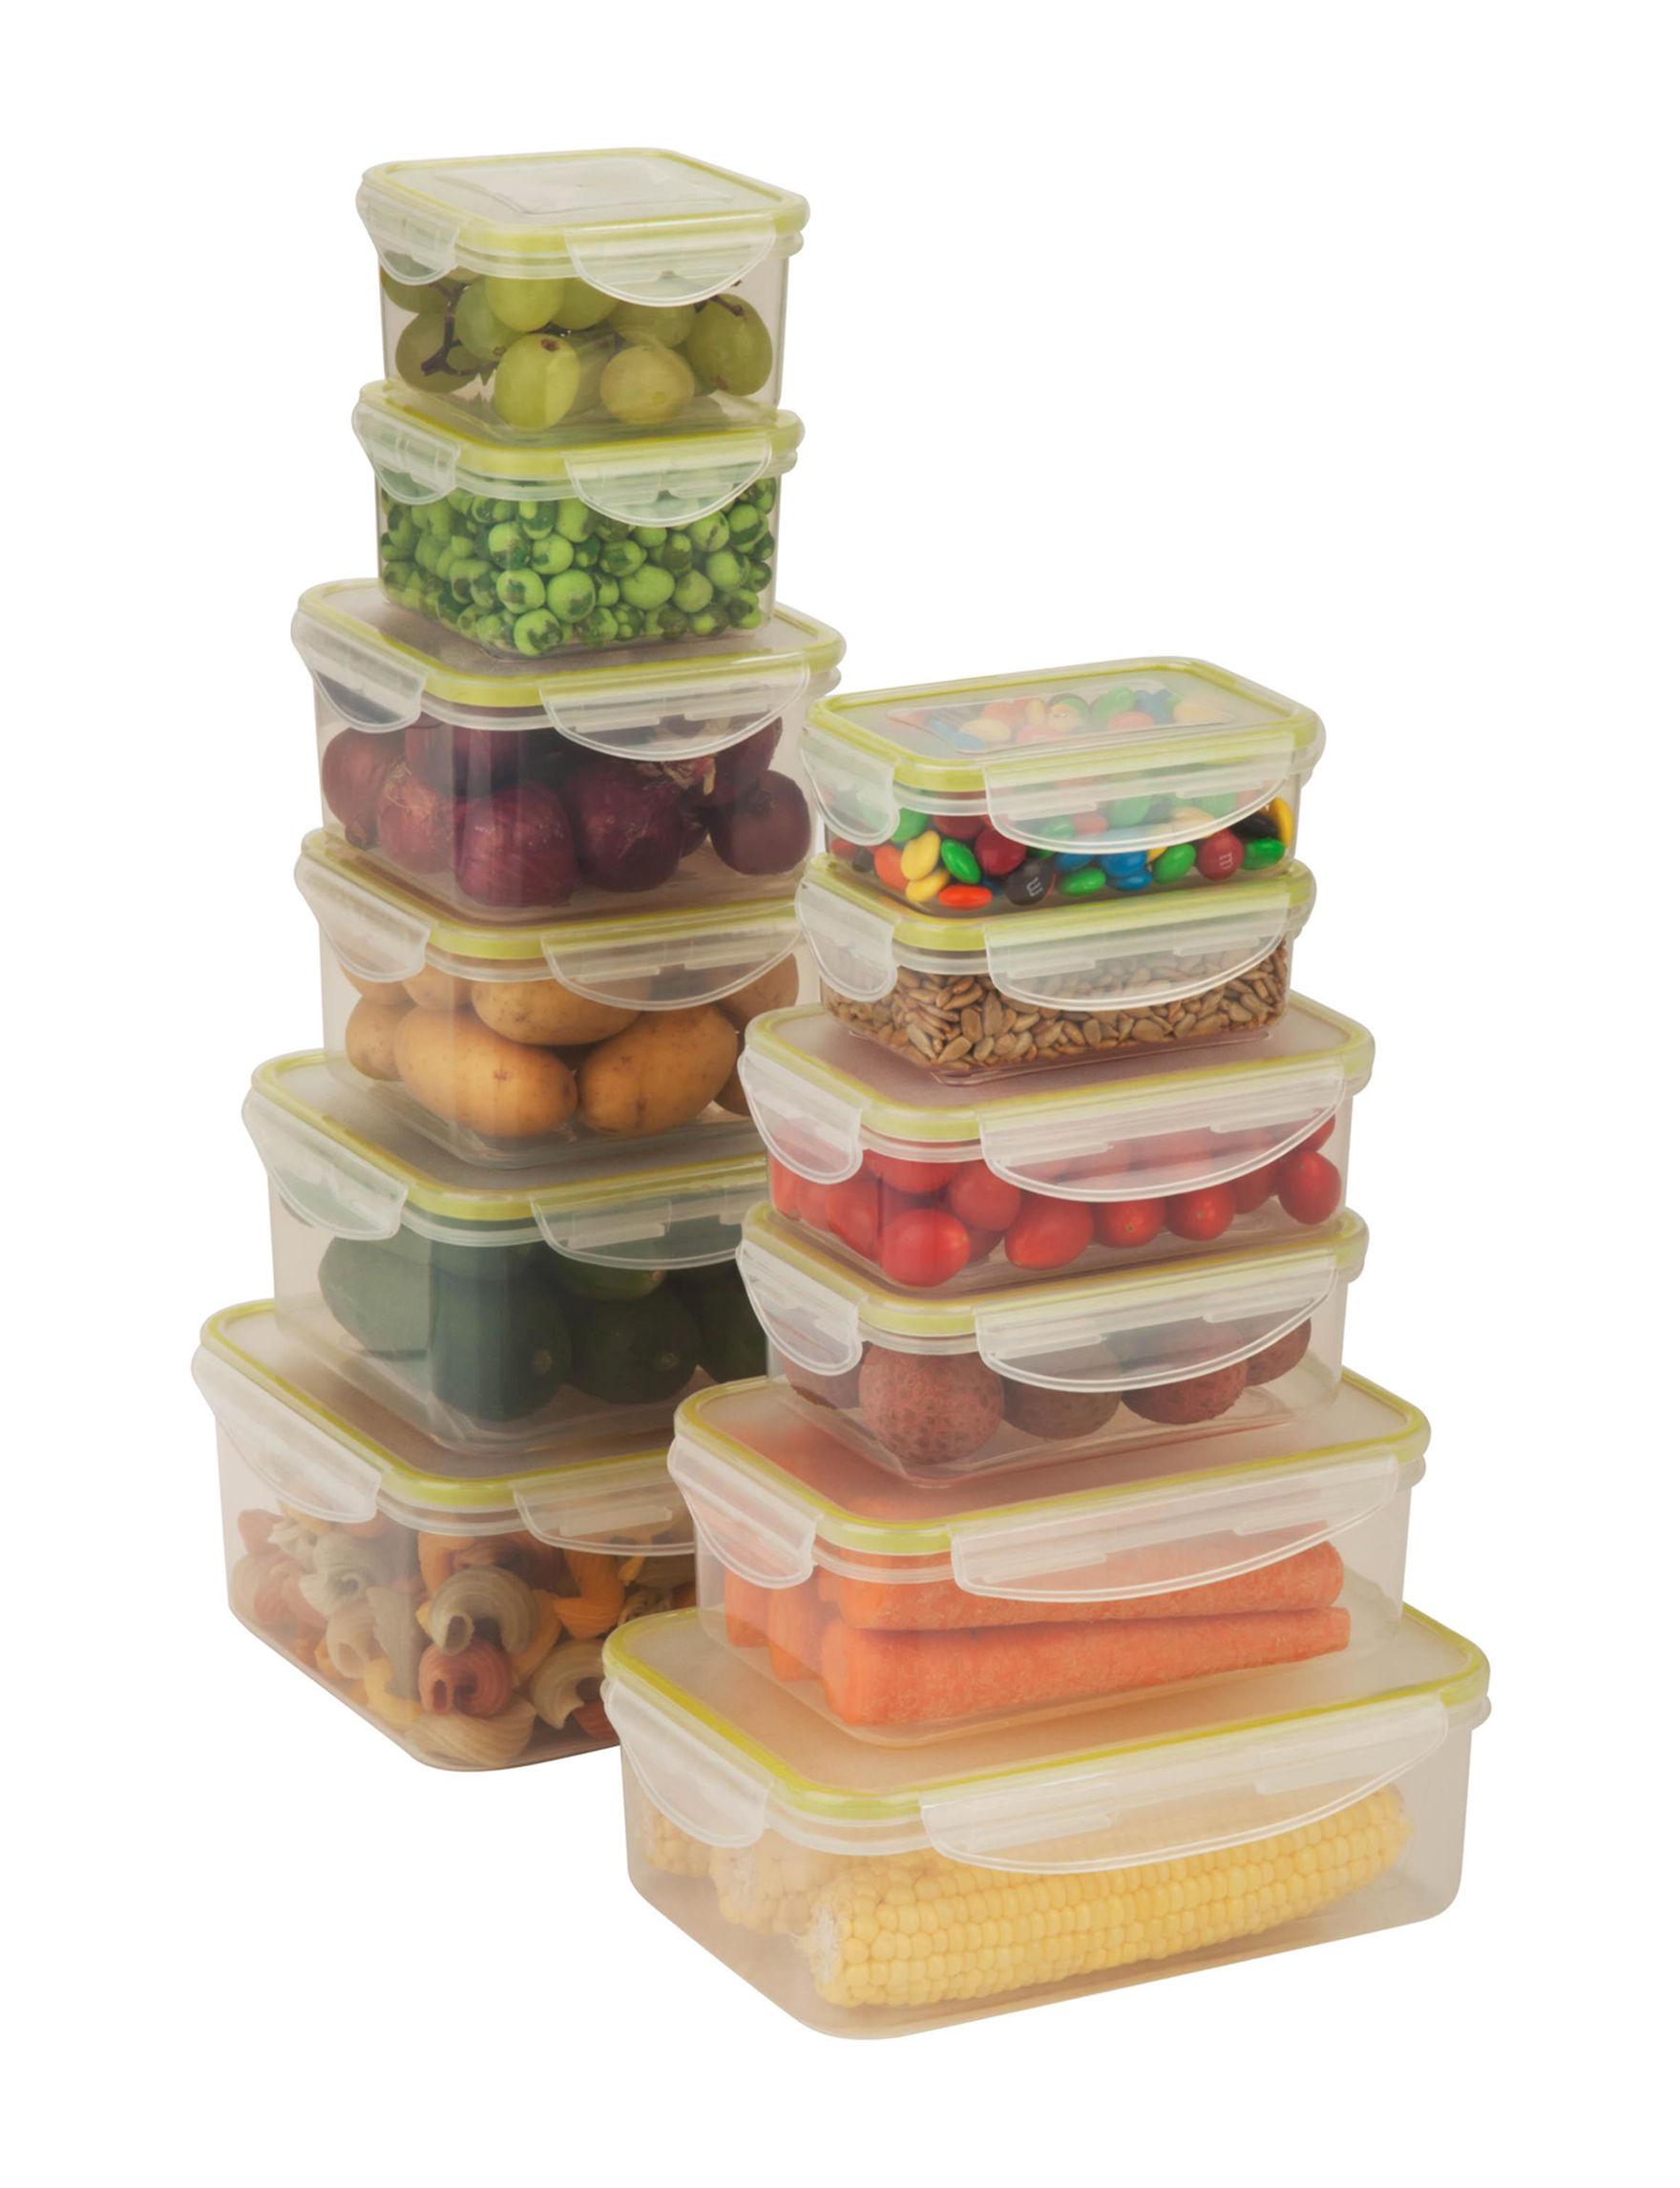 Honey-Can-Do International Clear Food Storage Kitchen Storage & Organization